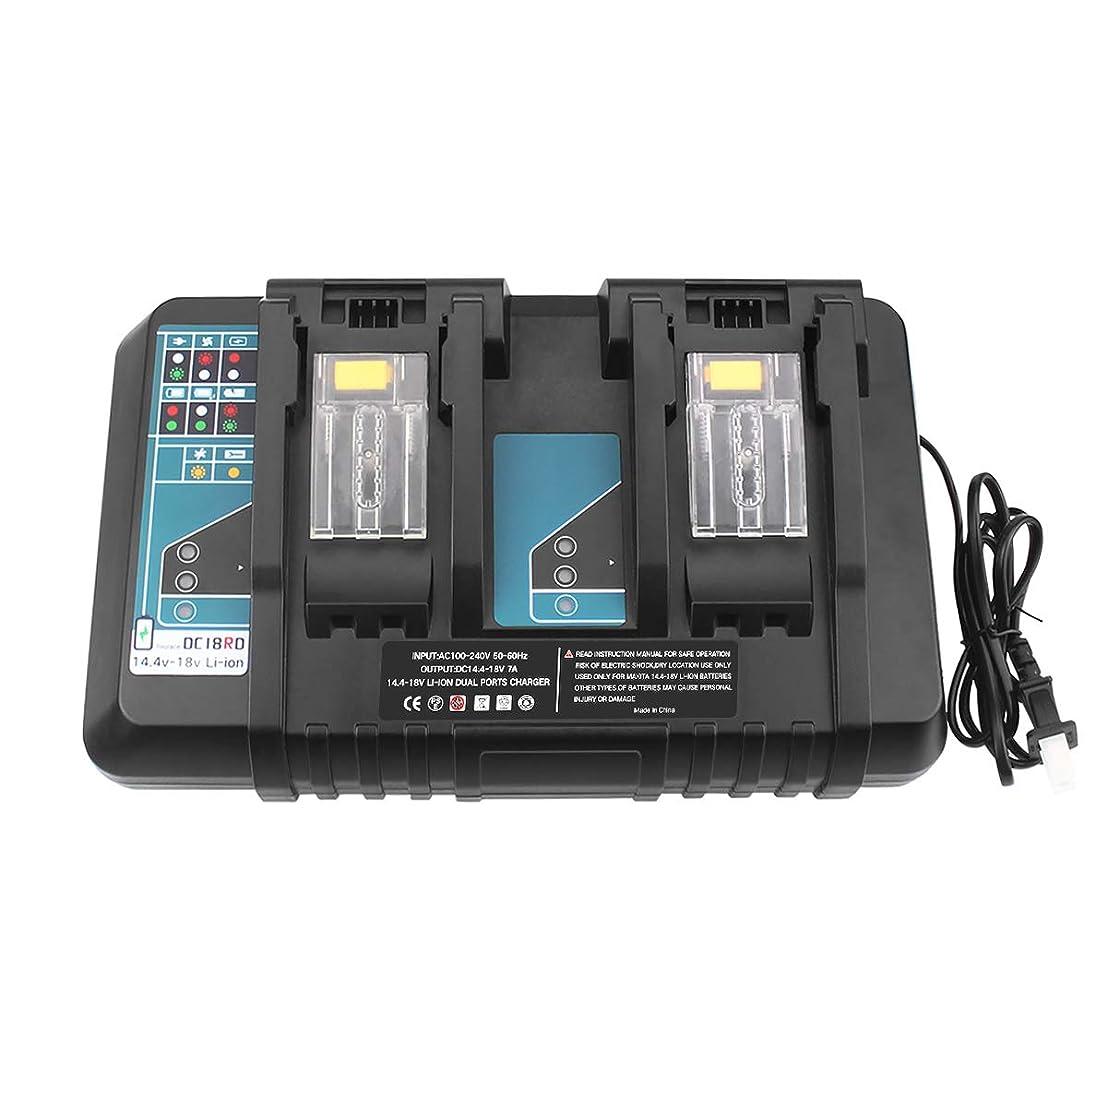 代名詞スピリチュアル新聞Gatopower bl1430 マキタ 14.4V バッテリー マキタ バッテリー bl1430 マキタ互換 バッテリー 3.0Ah bl1460 bl1430 bl1430b bl1440 bl1450 bl1460 bl1460b 対応 電動工具用 1年保証 PSE認証取得済み 無料交換可能【2個セット】